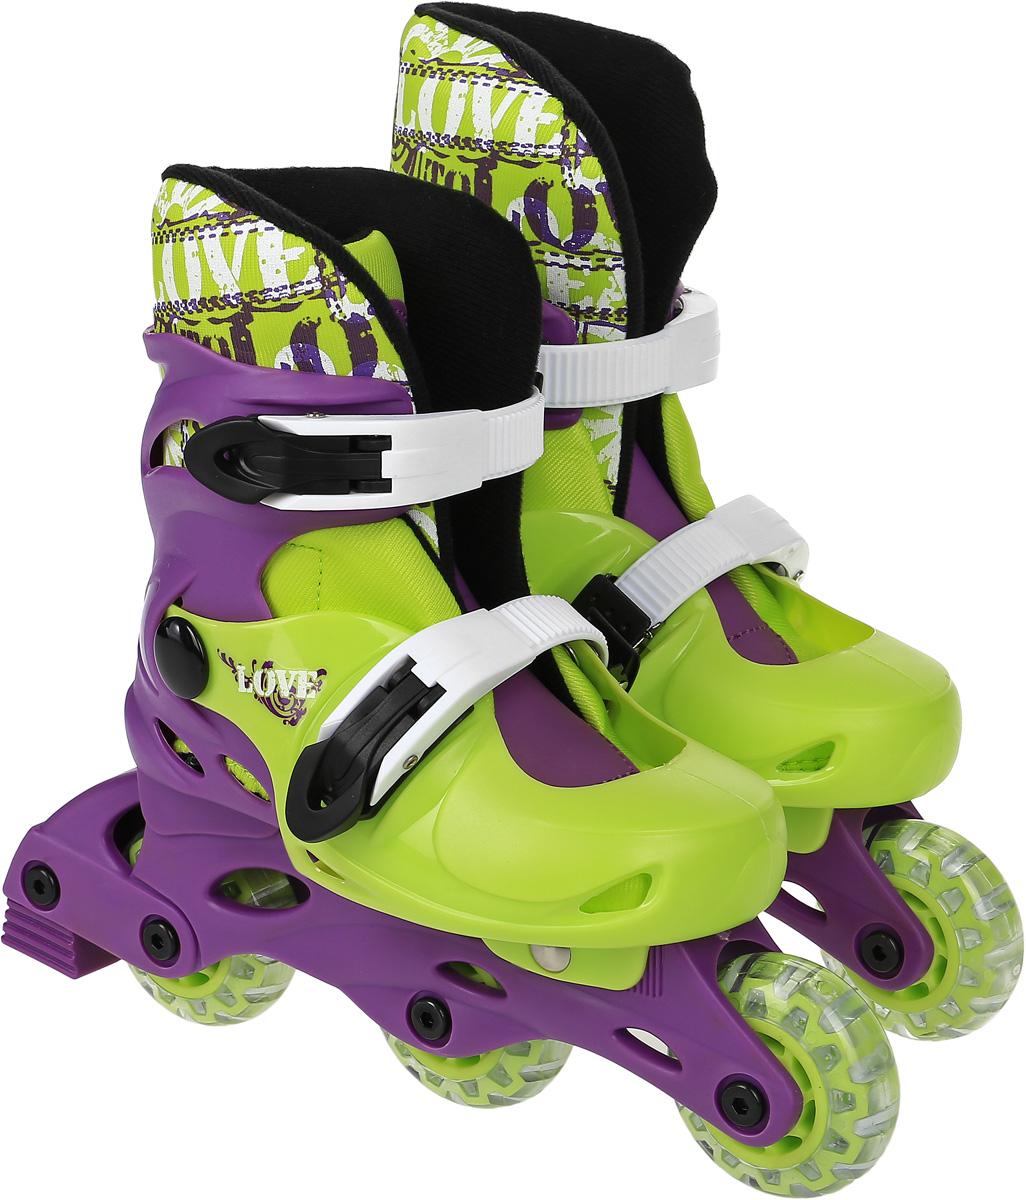 Коньки роликовые Action  PW-127 , раздвижные, цвет: фиолетовый, светло-зеленый, белый. Размер 31/34 - Ролики